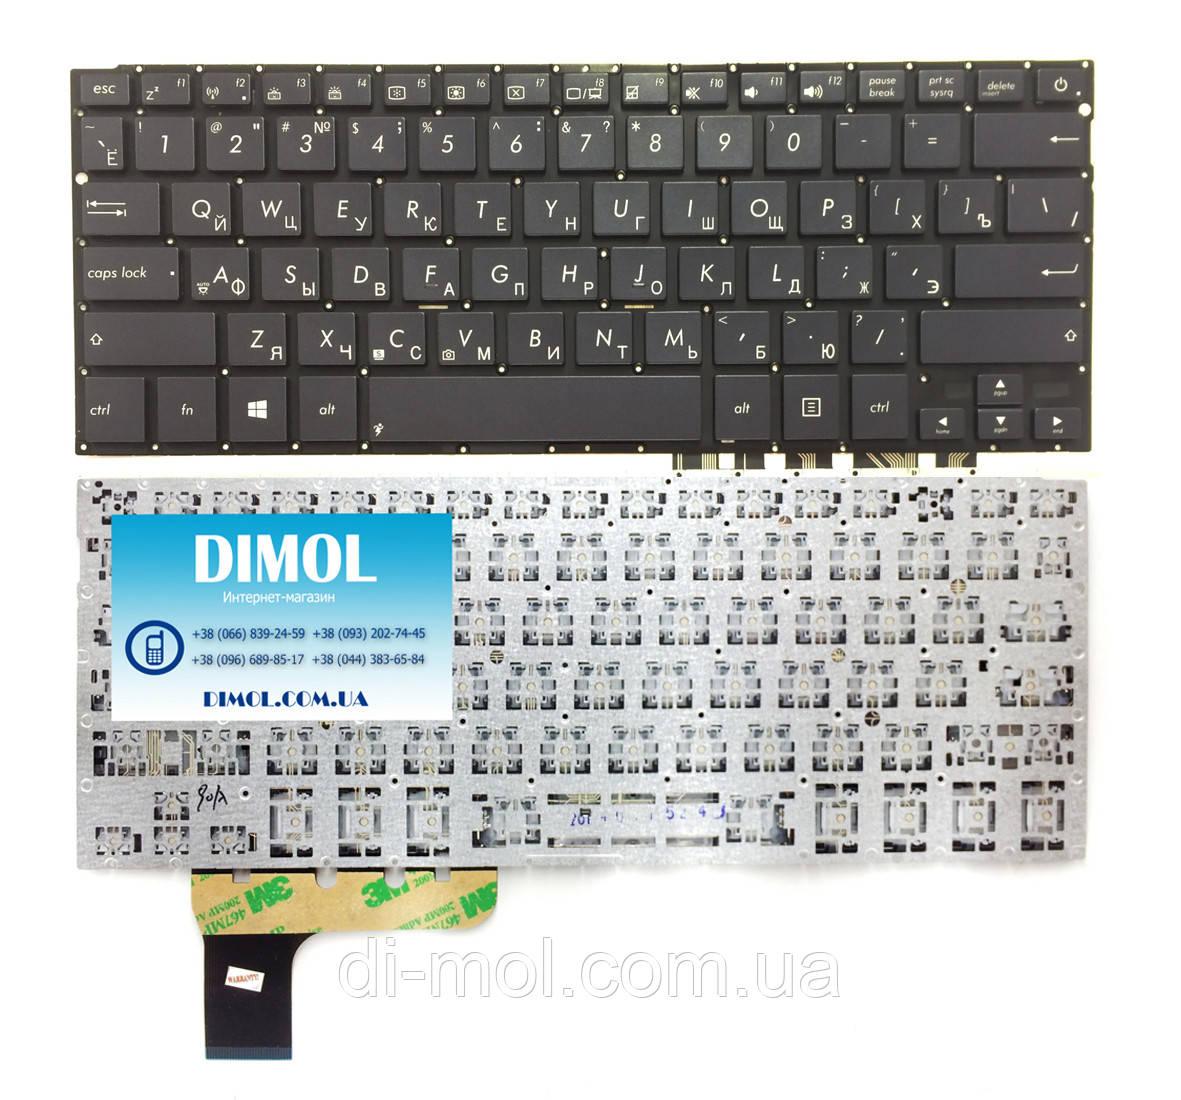 Оригінальна клавіатура для ноутбука Asus UX302, UX303 series, dark blue, ru, під підсвічування